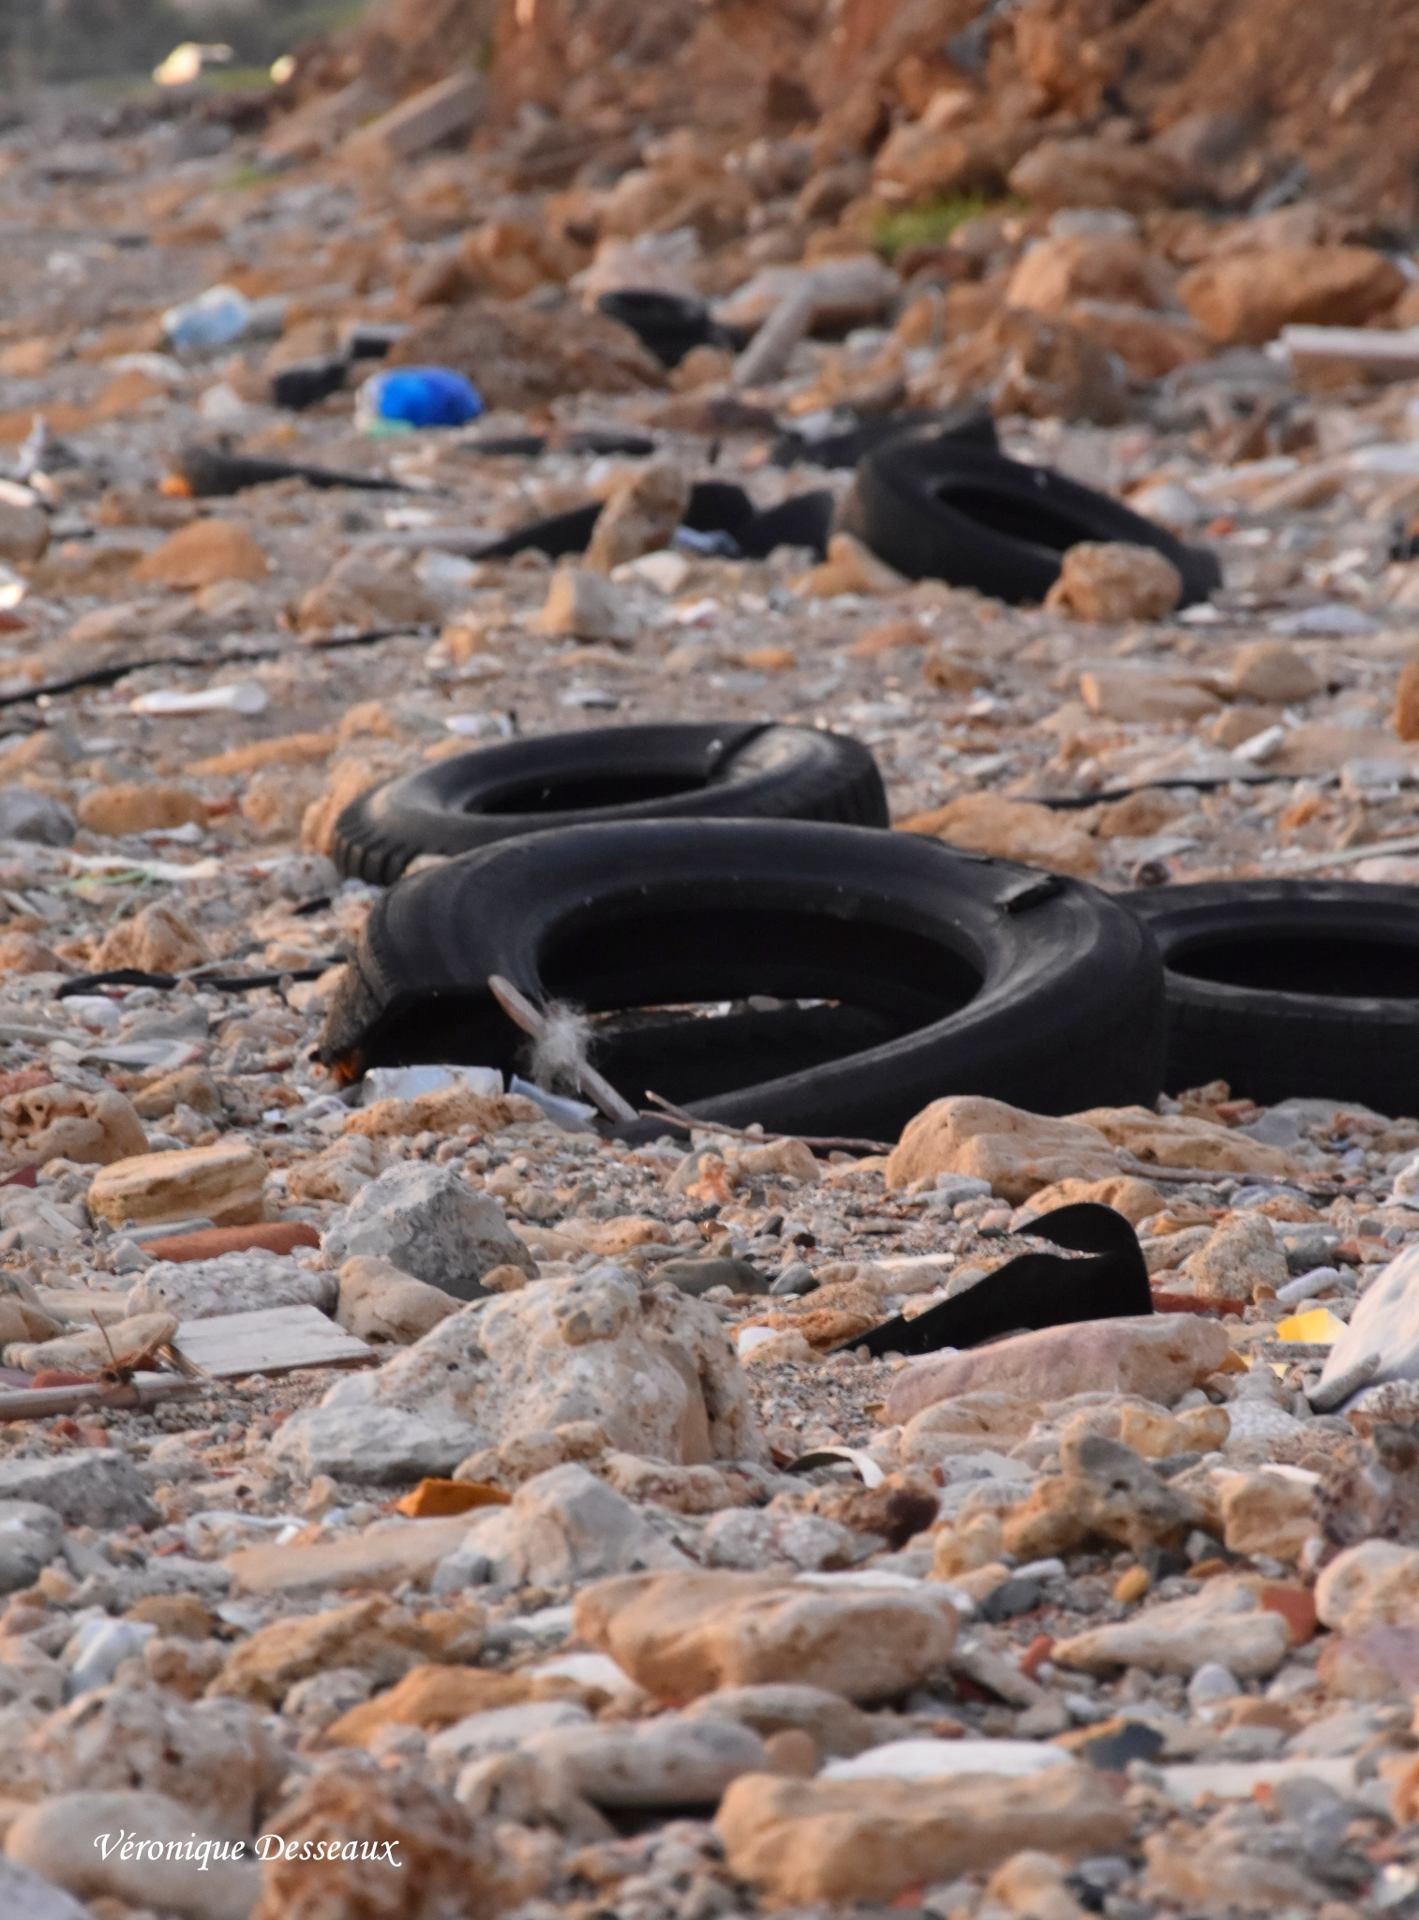 Des pneus sur la plage !